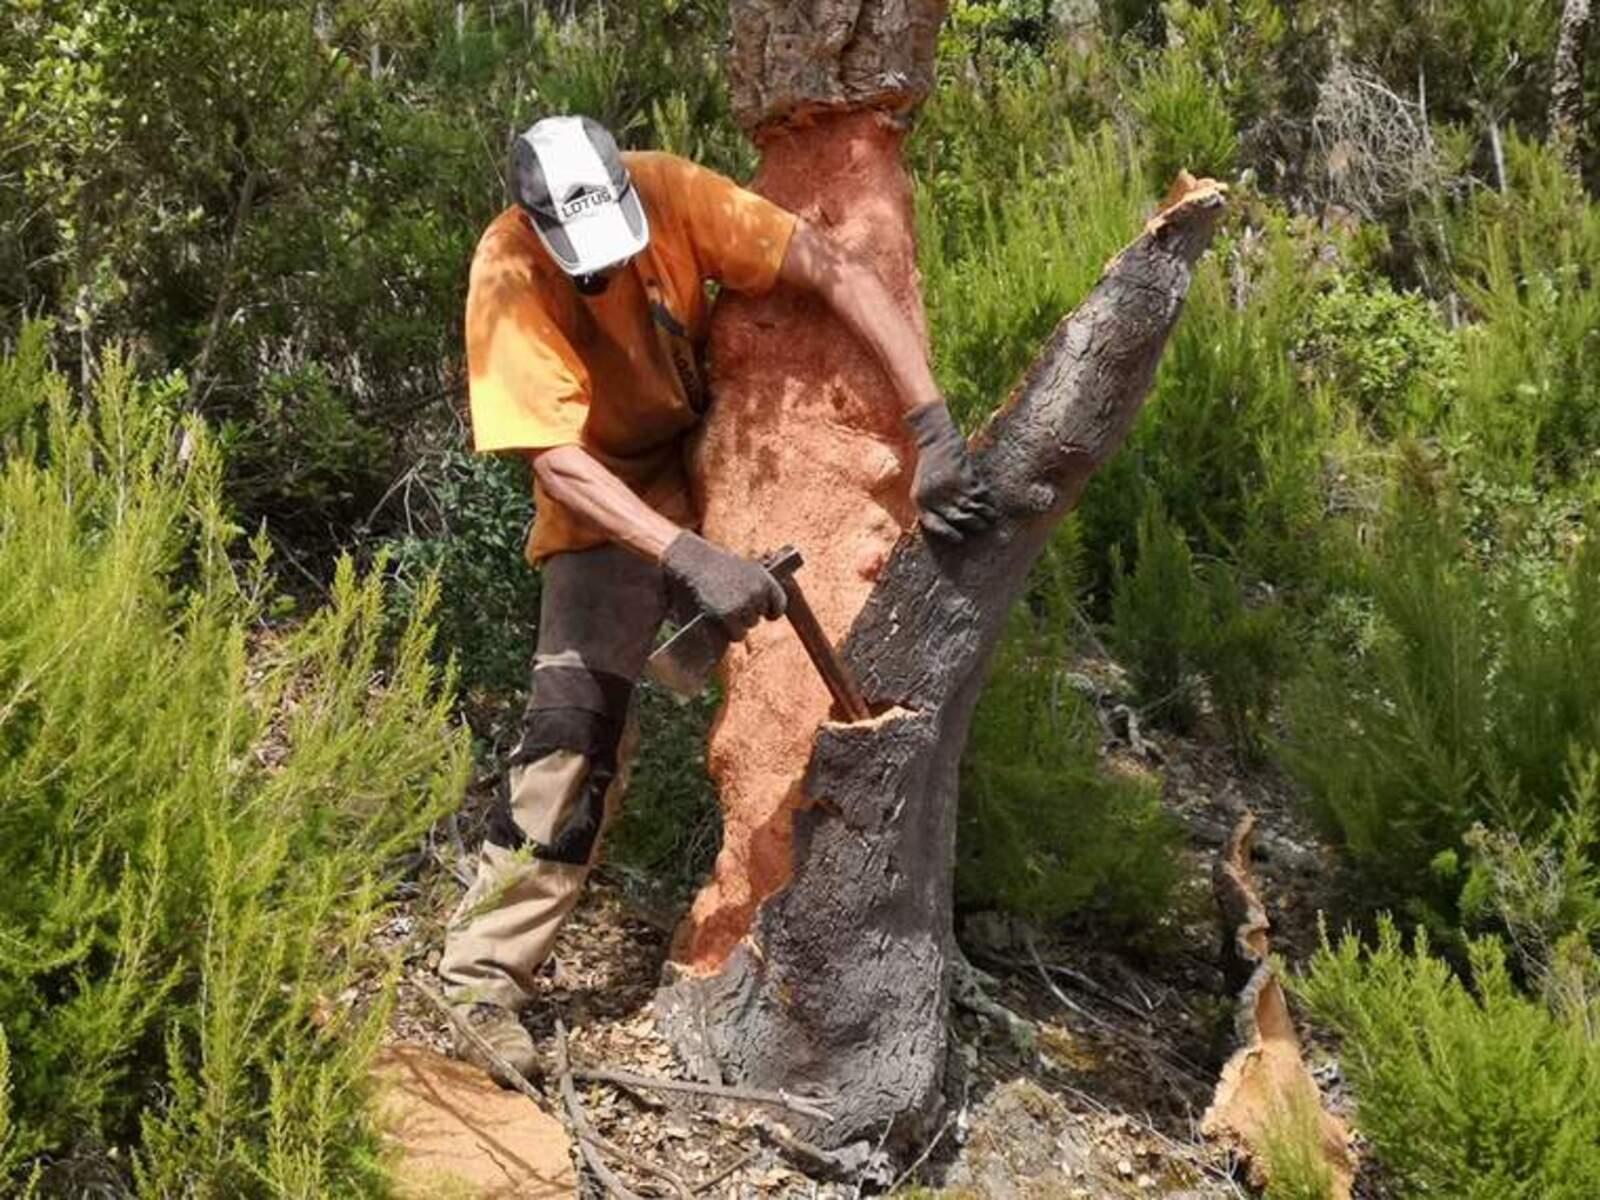 Un dels peladors acabant d'arrencar una de les planxes de suro d'una de les alzines amb el mànec de la destral